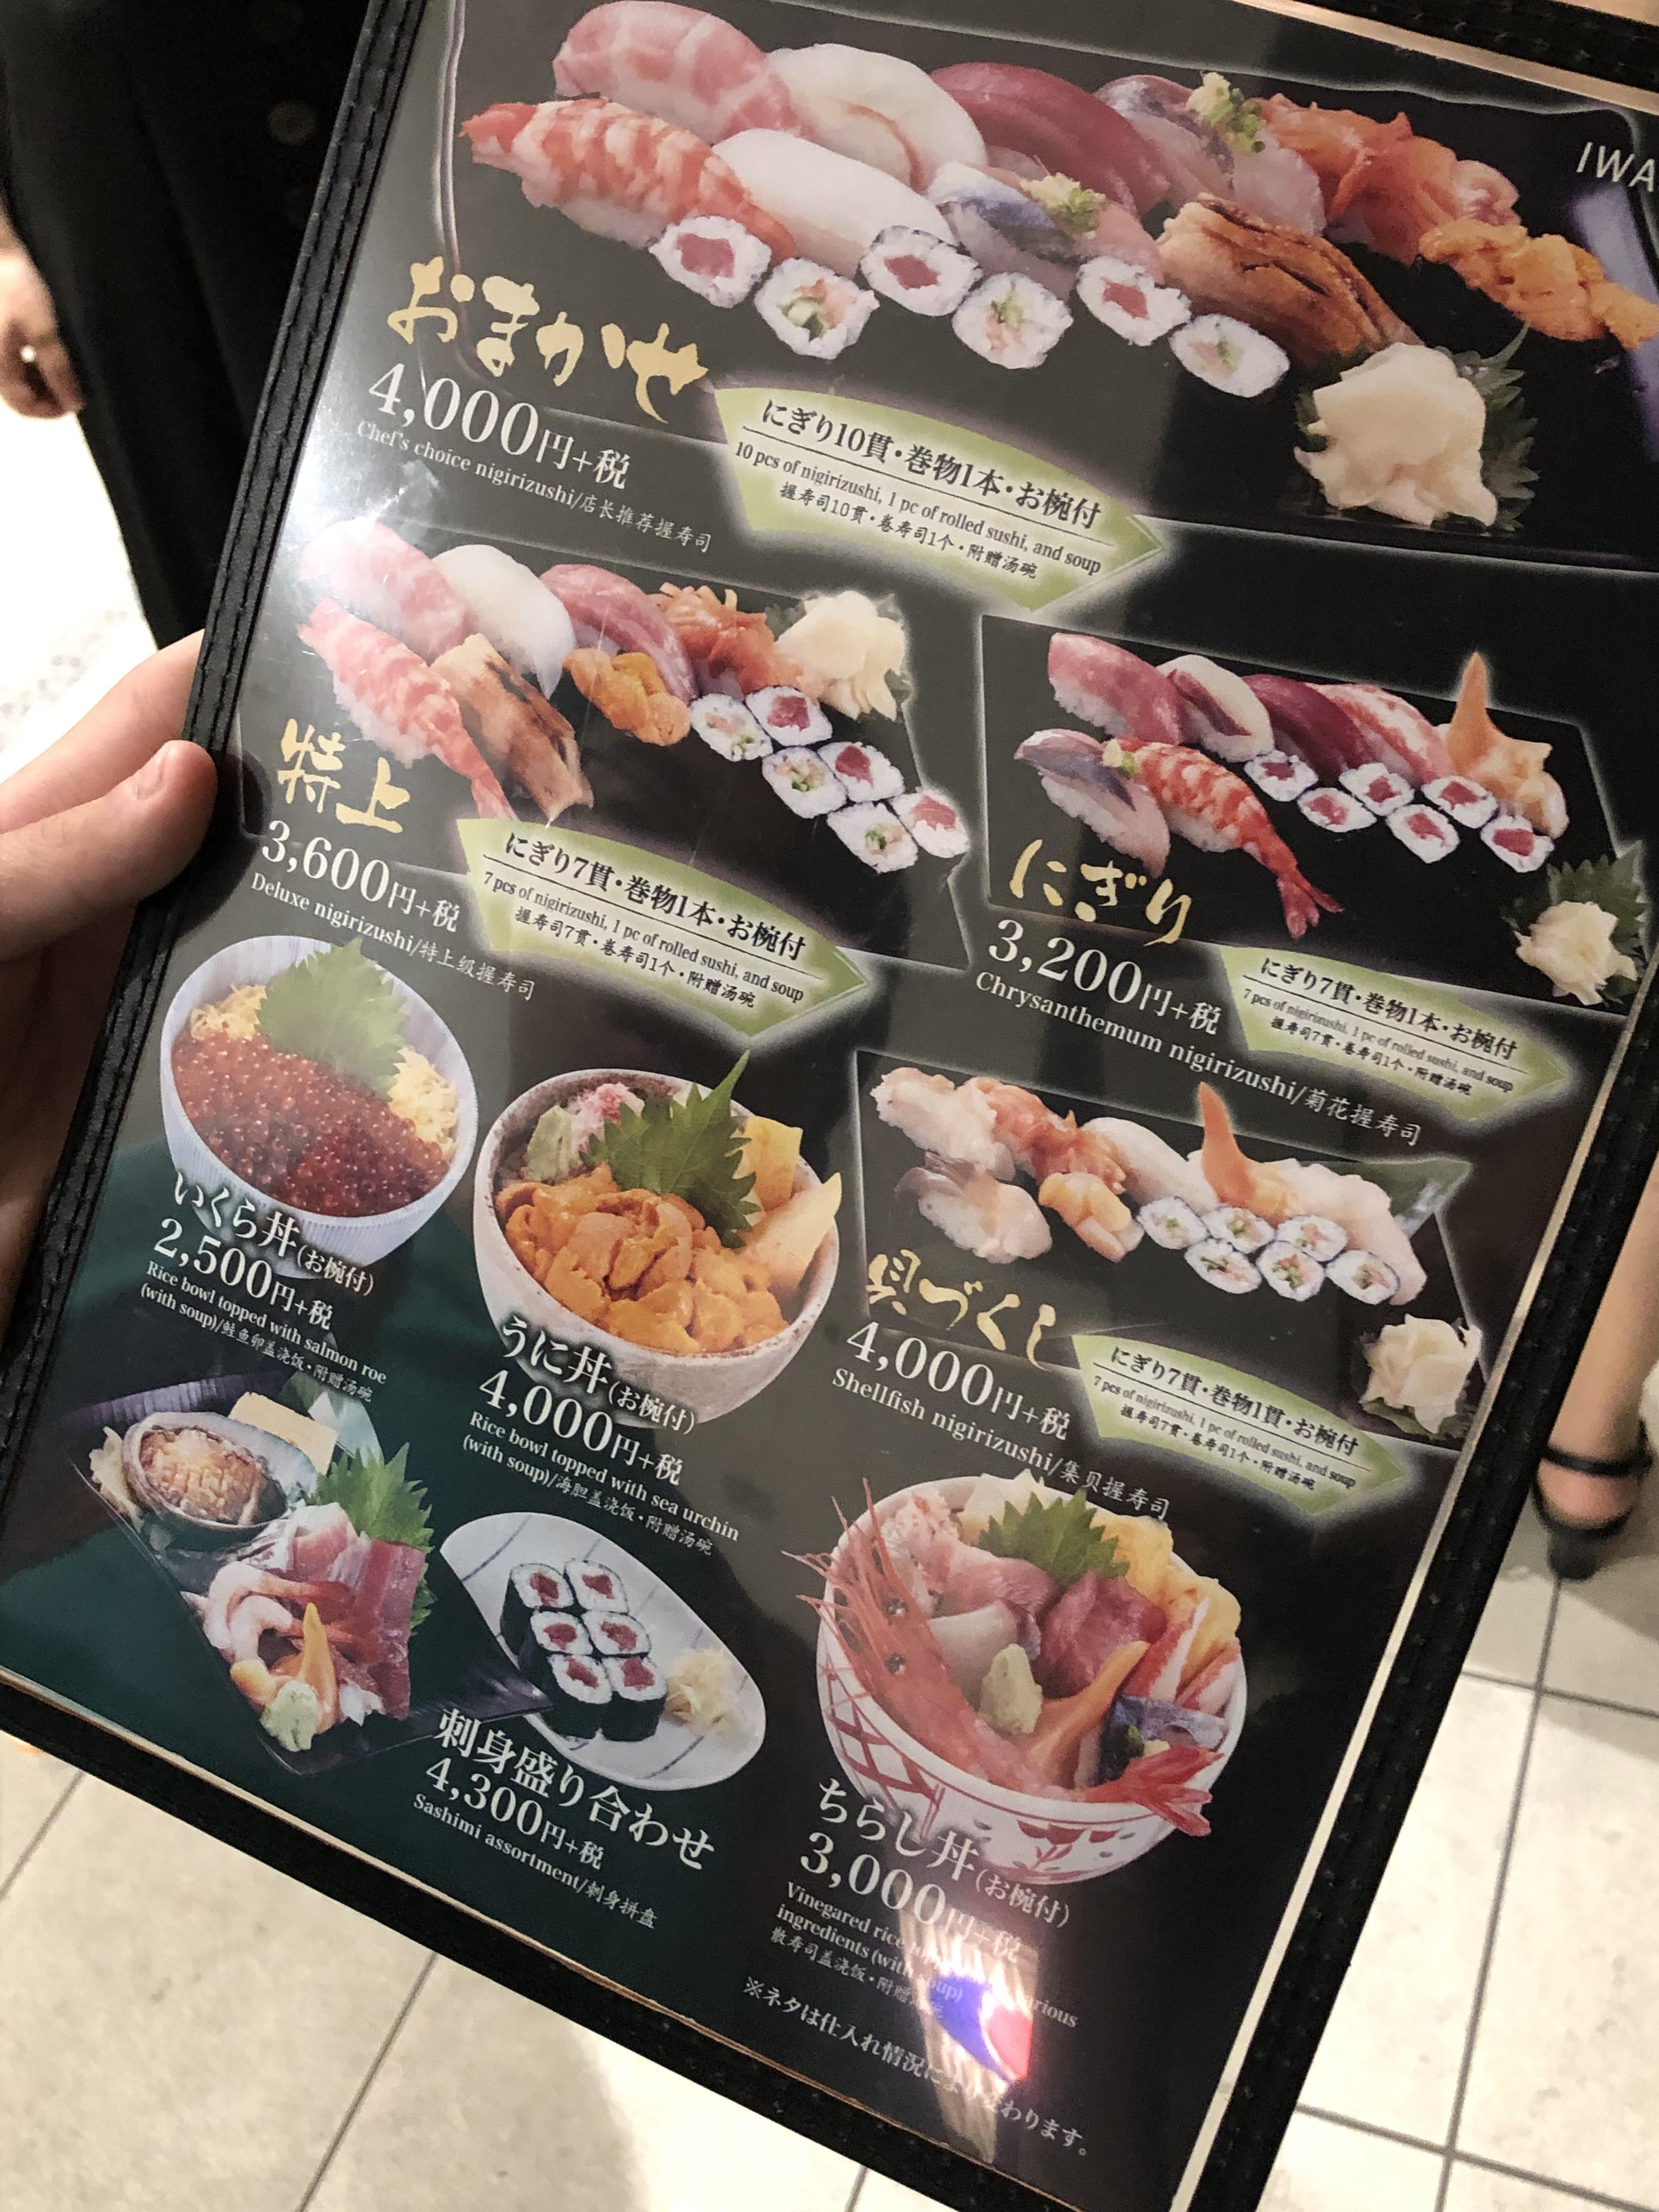 岩佐寿司のメニュー